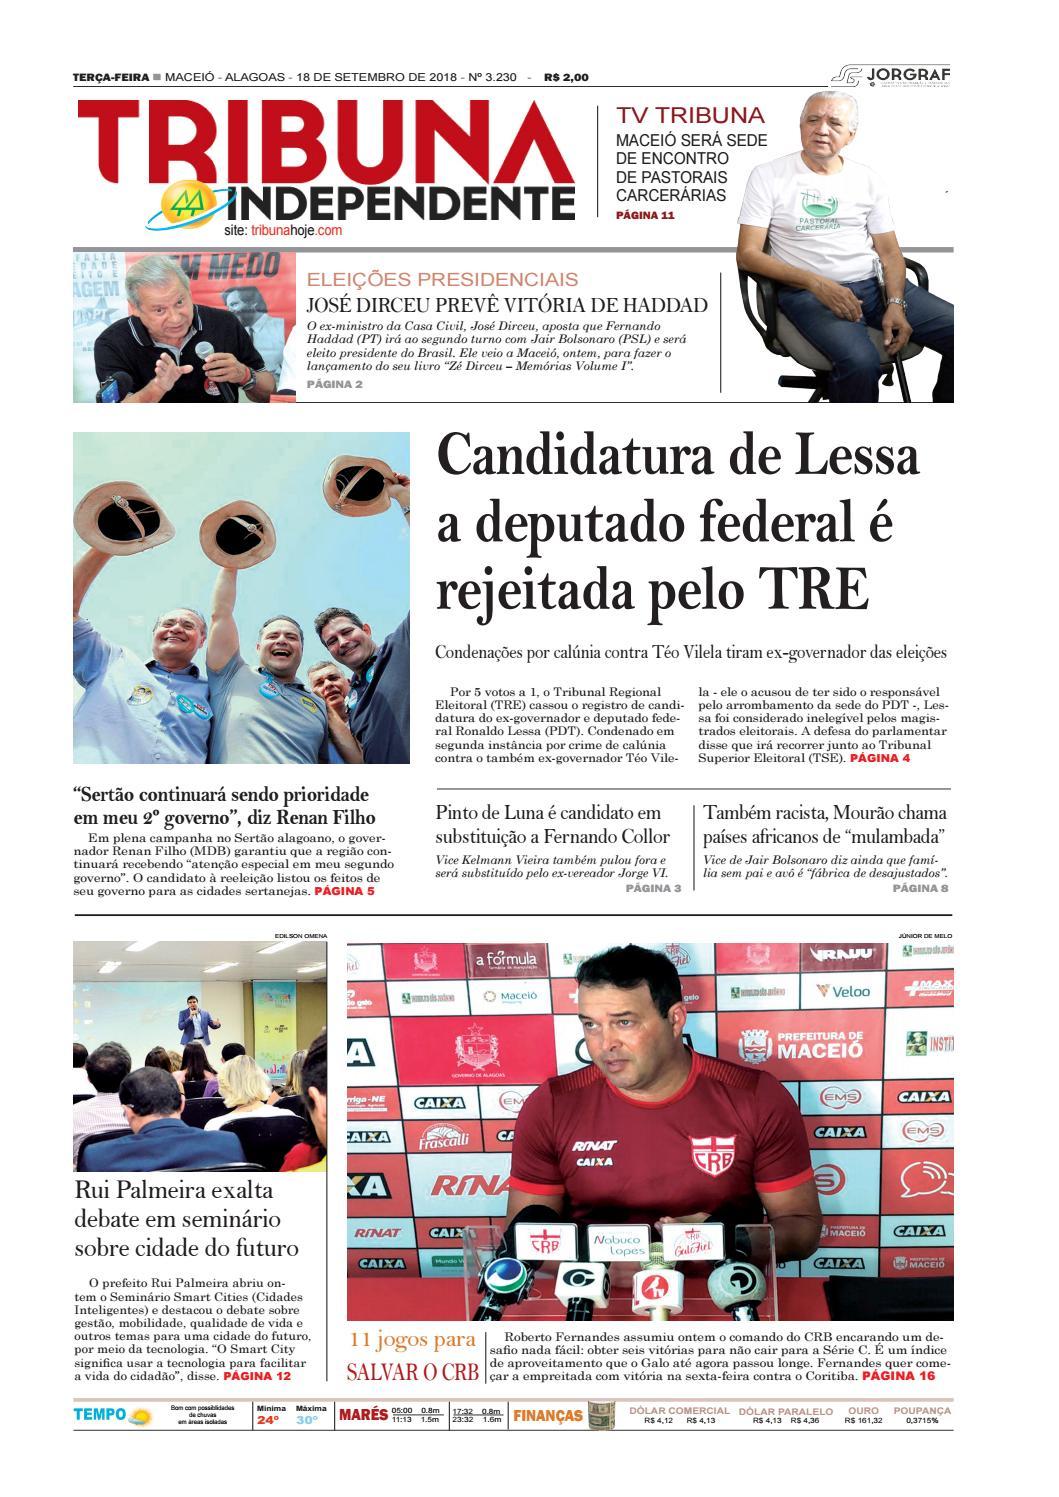 f56a70ebb0ab0 Edição número 3230 - 18 de setembro de 2018 by Tribuna Hoje - issuu